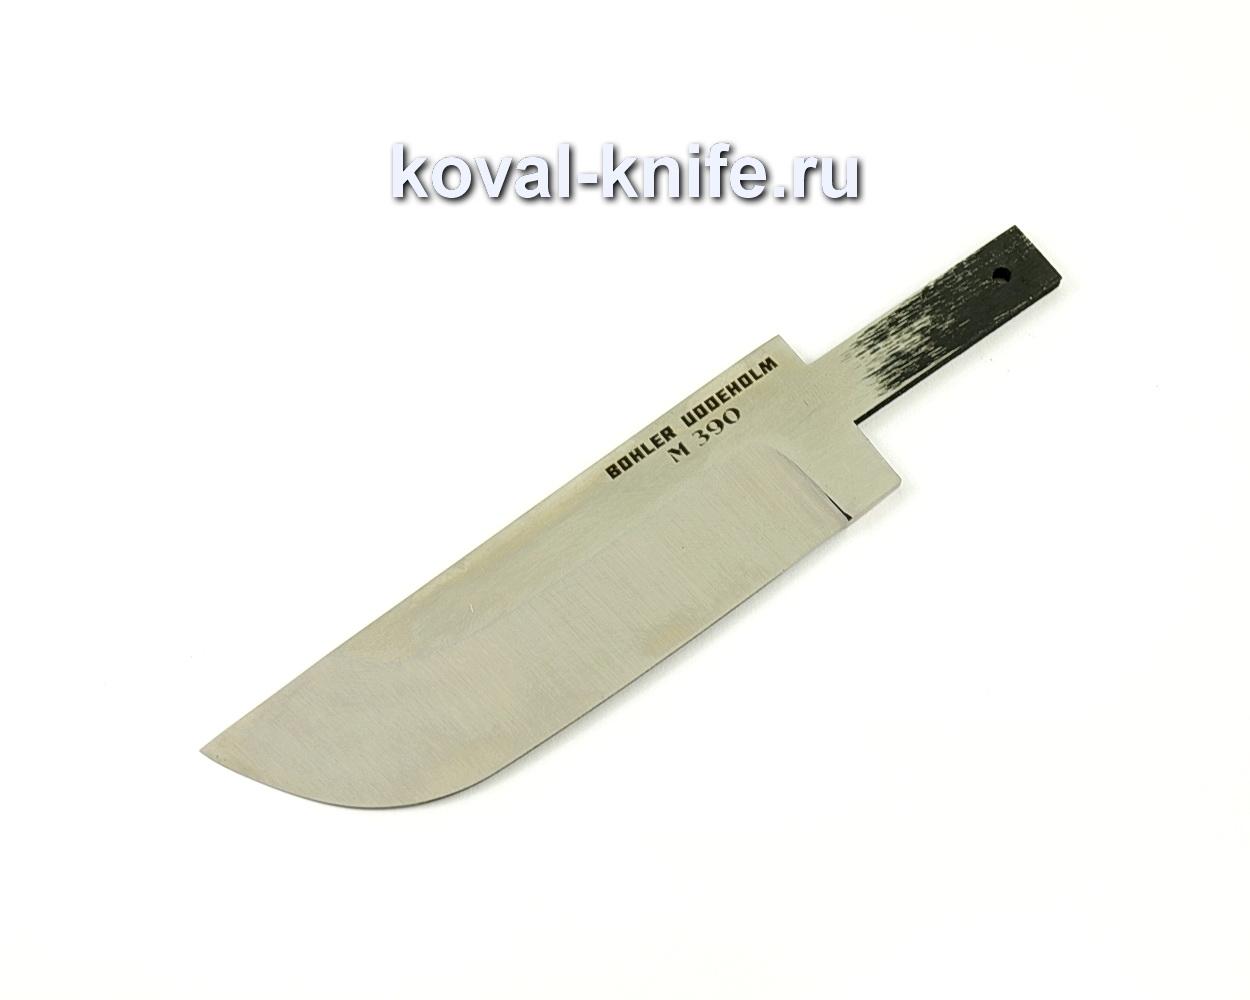 Клинок для ножа из порошковой стали M390 Пегас